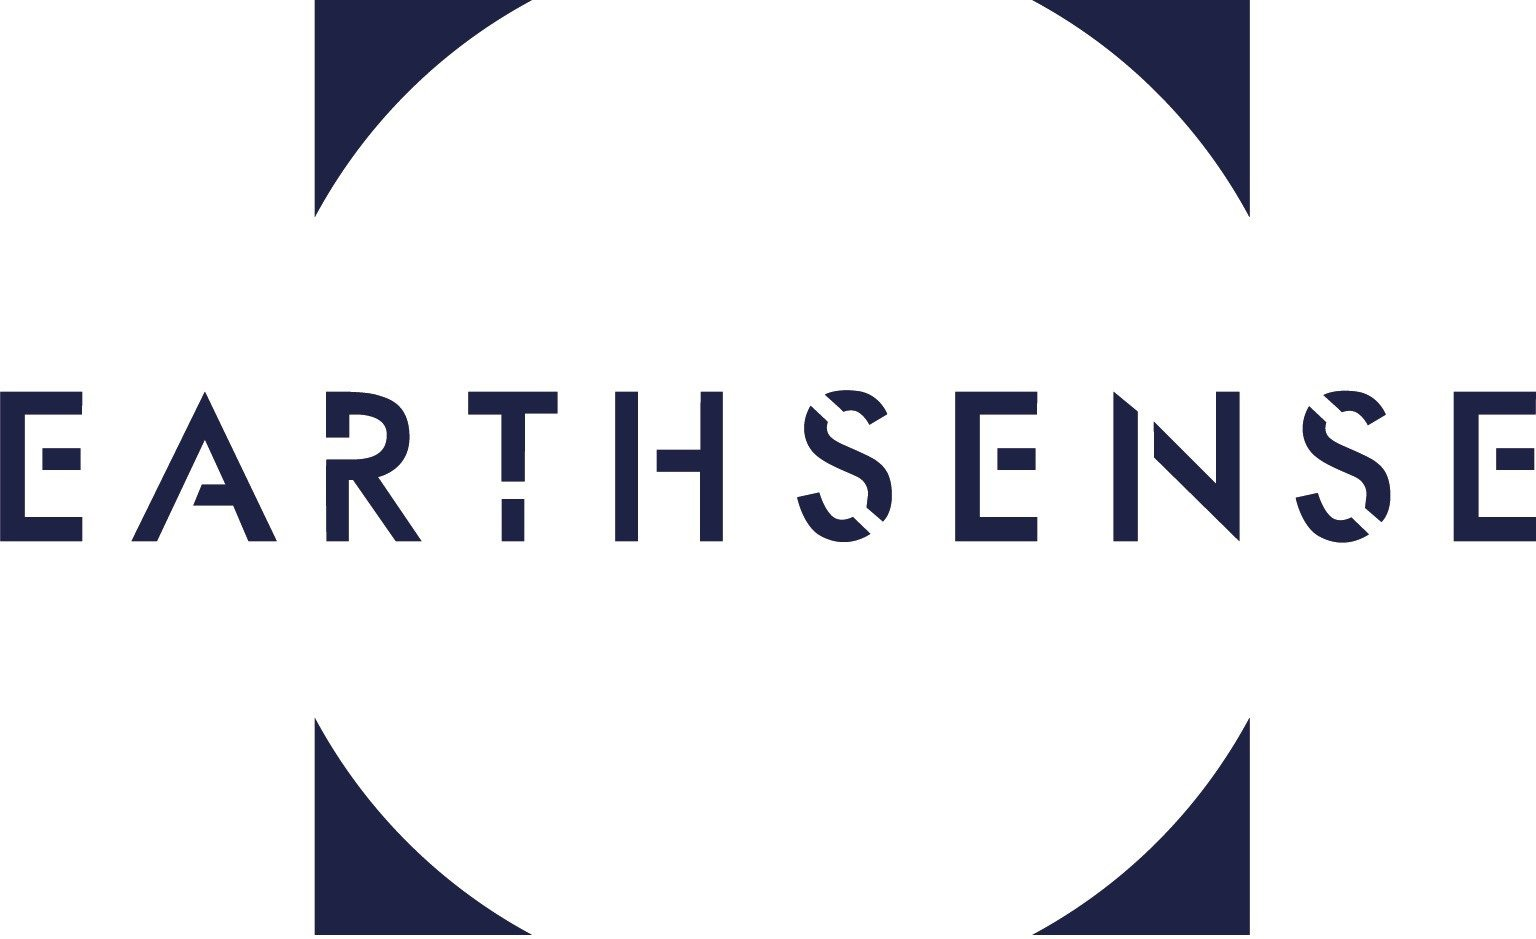 earthsense logo